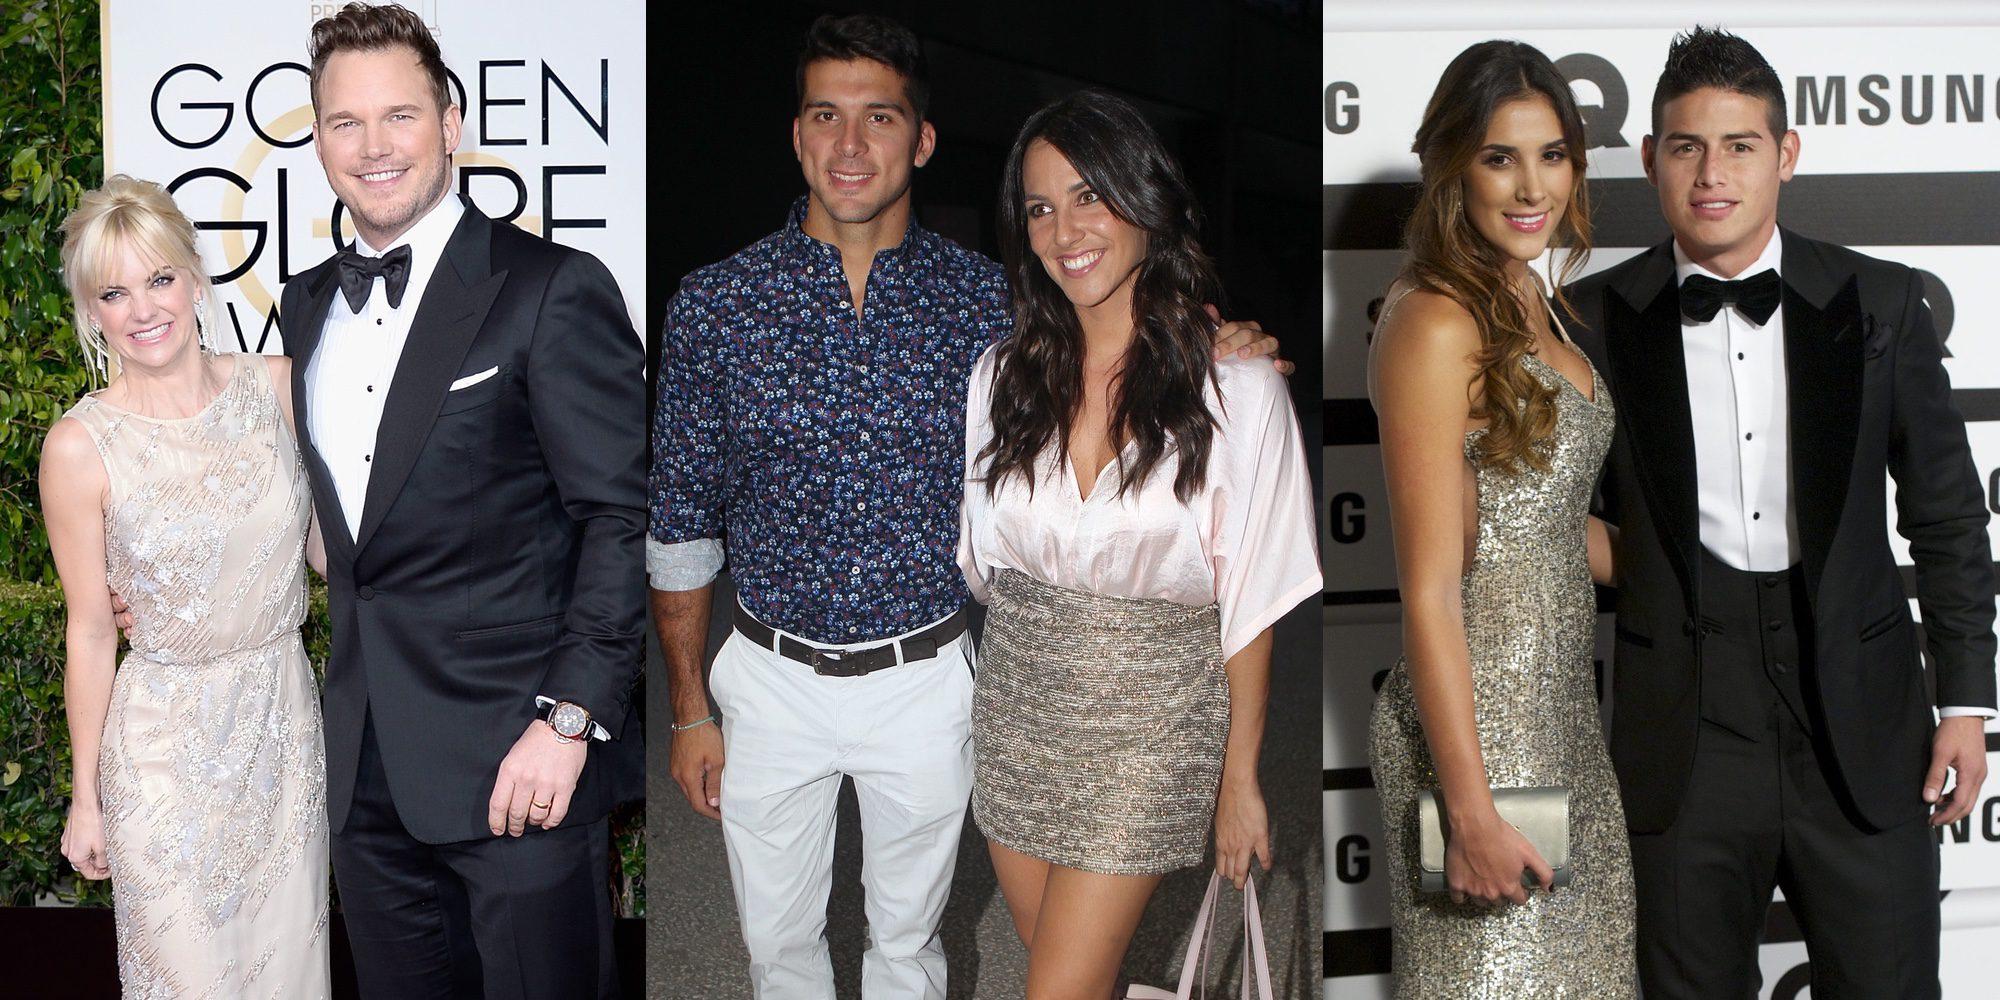 Irene Junquera y Cristian Toro, Chris Pratt y Anna Faris... Las rupturas del verano